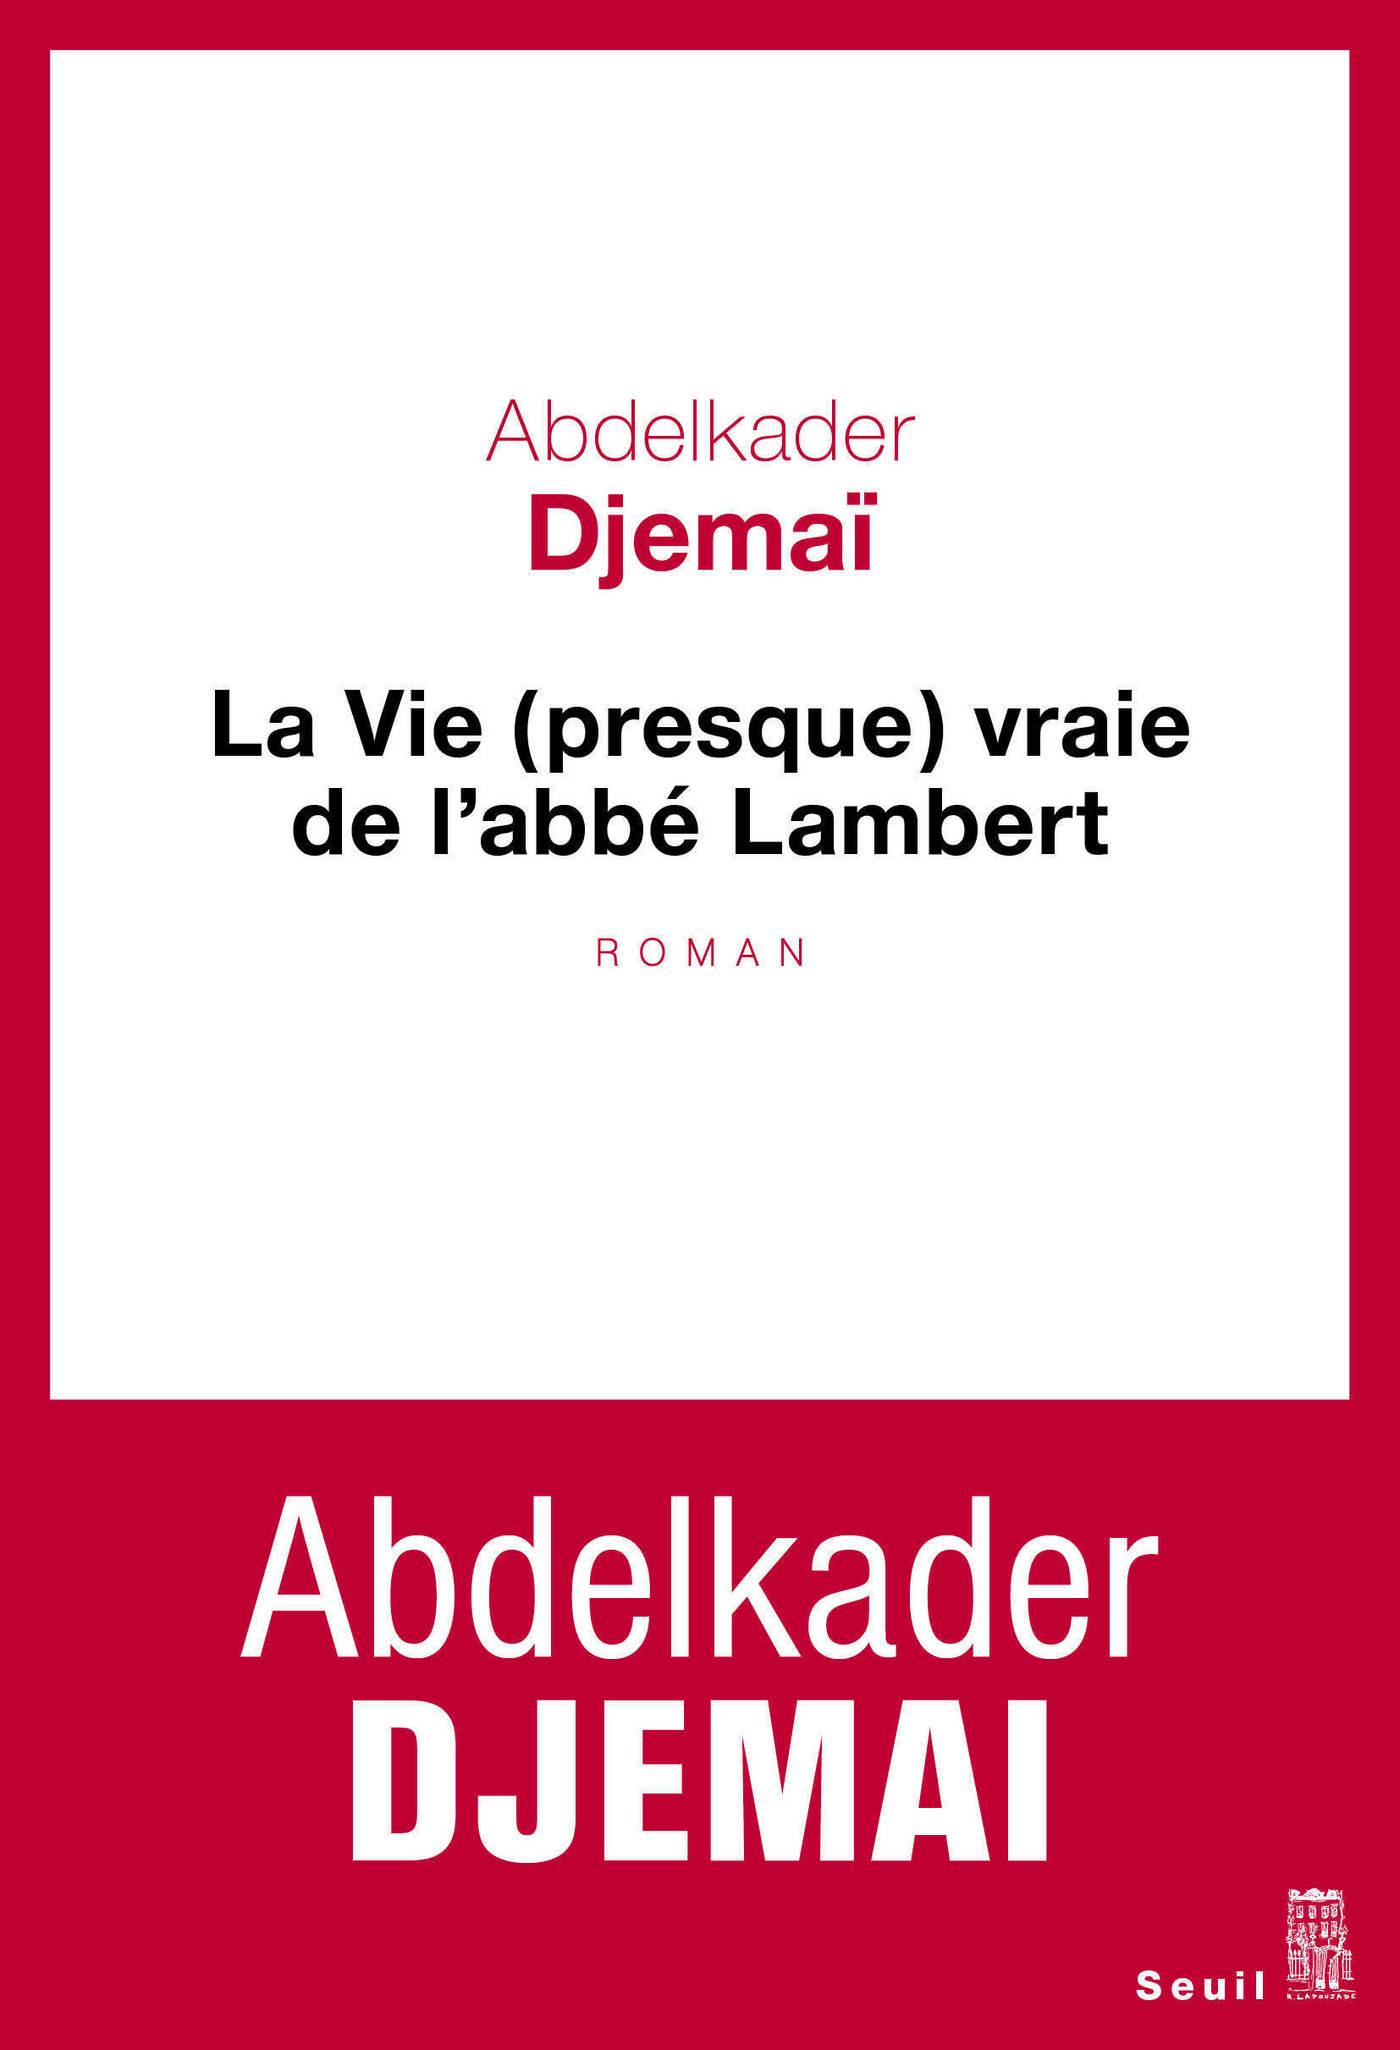 La Vie (presque) vraie de l'abbé Lambert